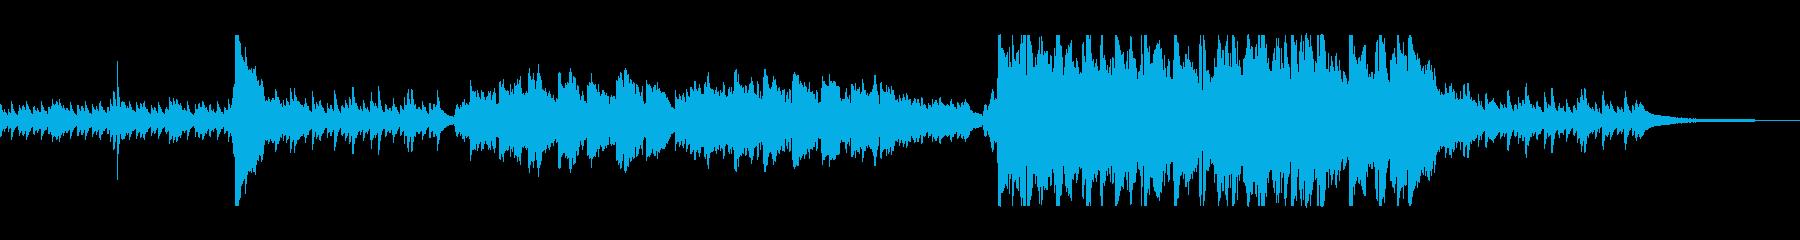 クラシカルなバイオリンとピアノのバラードの再生済みの波形